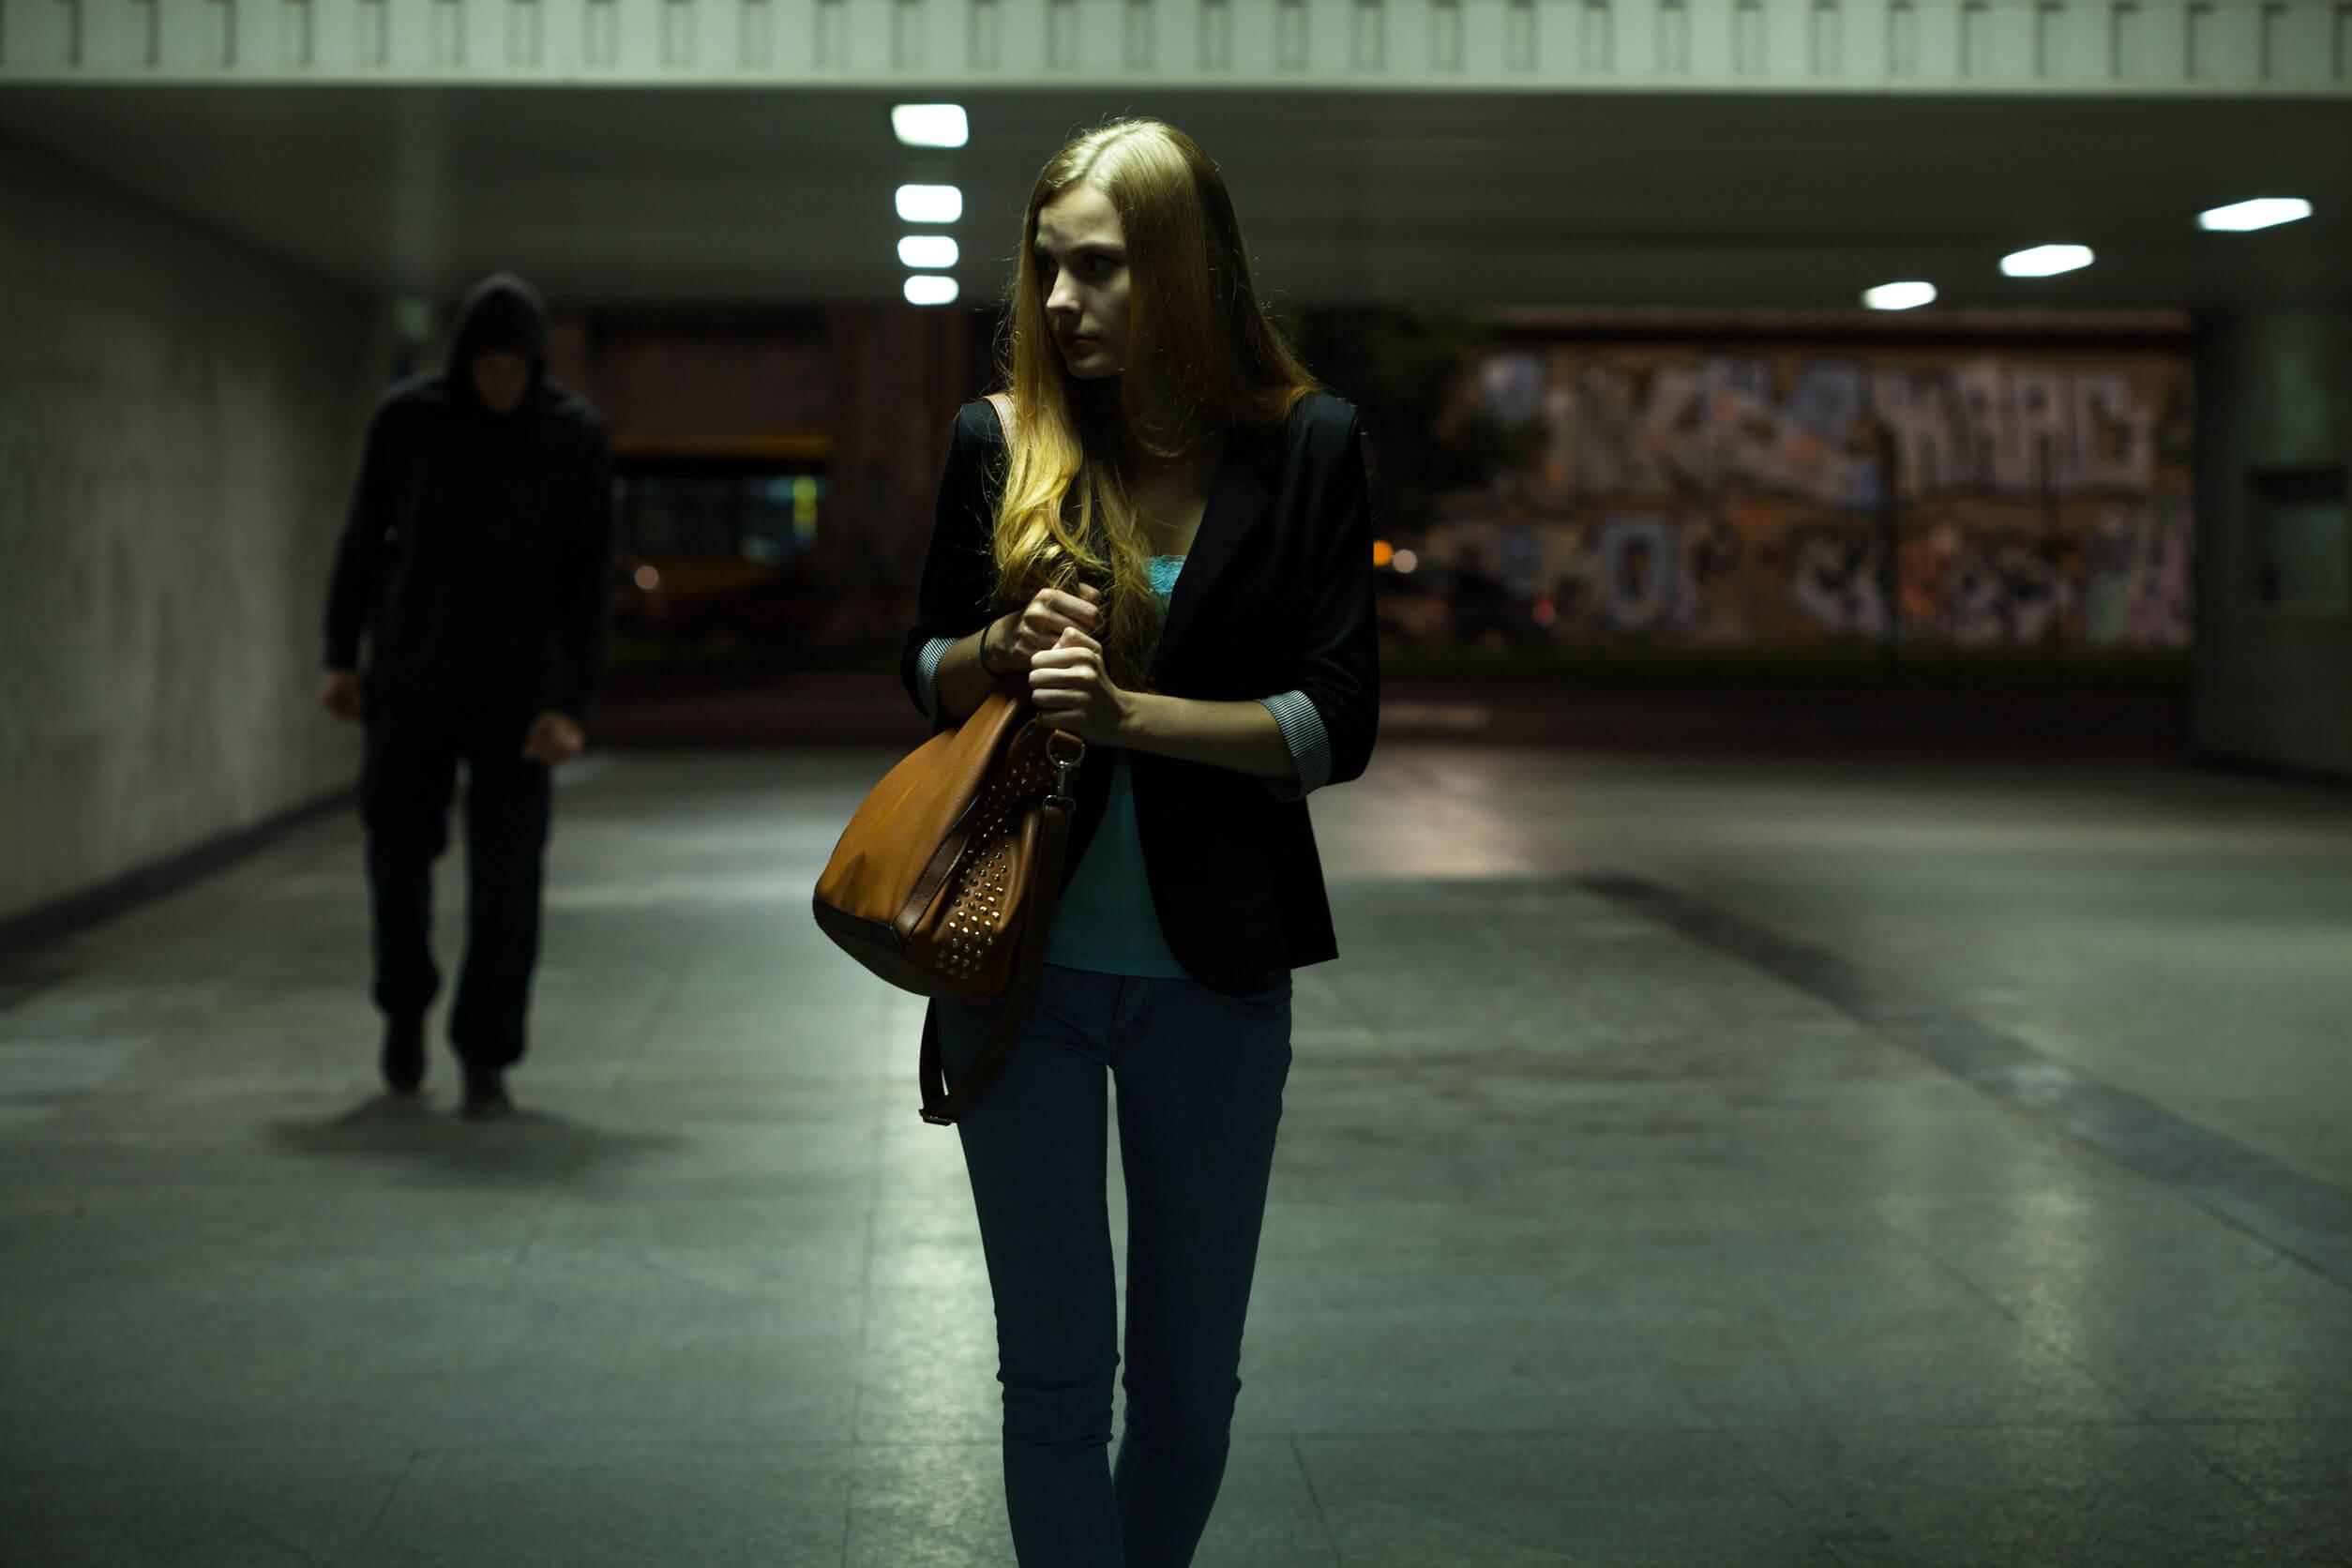 Une jeune femme dans un sous terrain suivie par un homme.